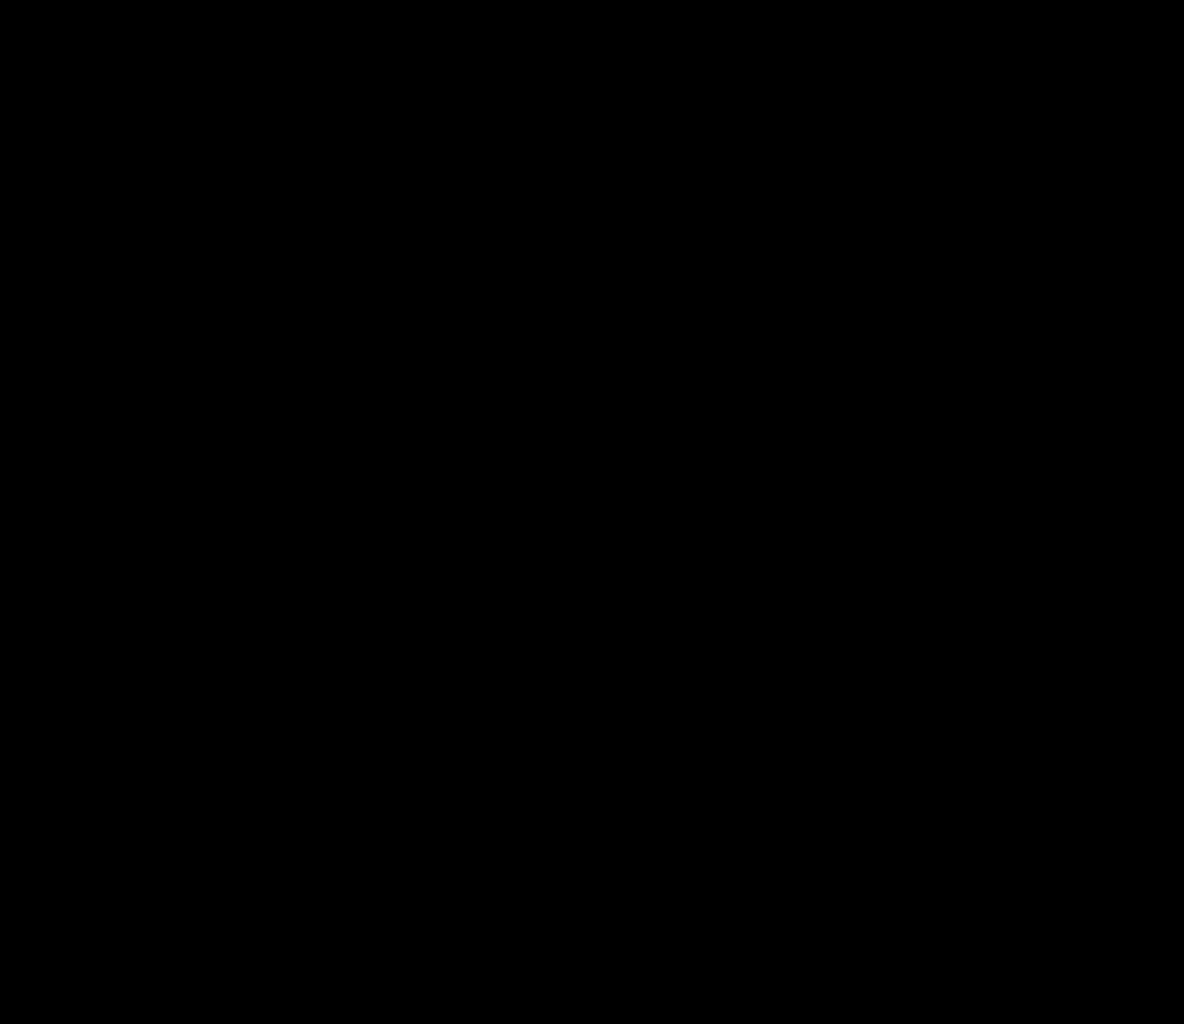 Hexagon PNG - 19650